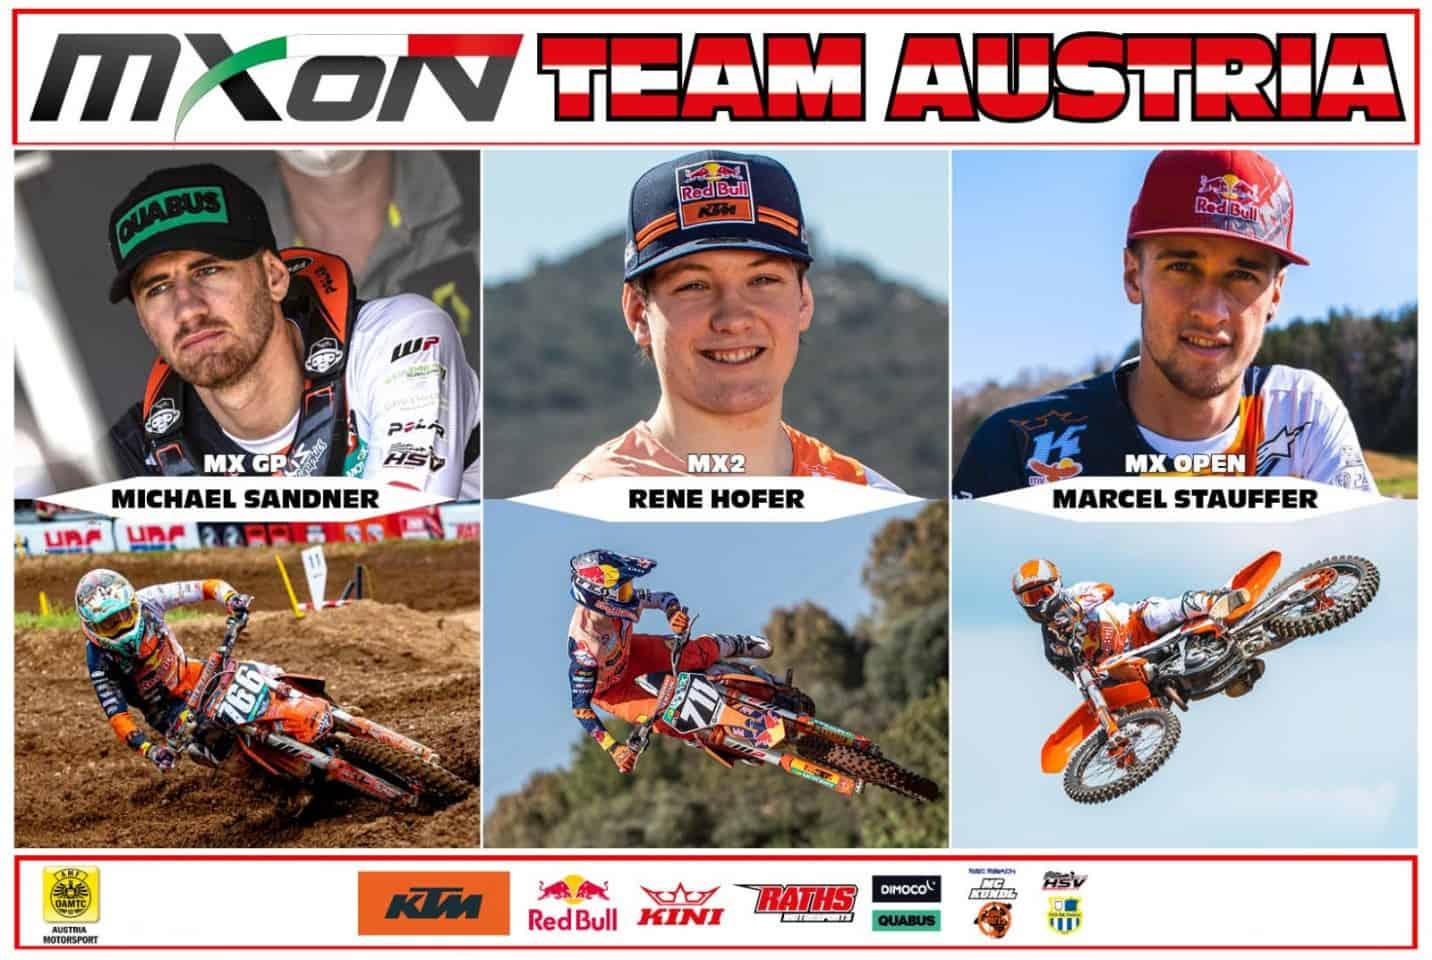 MXoN-Team Austria 2021